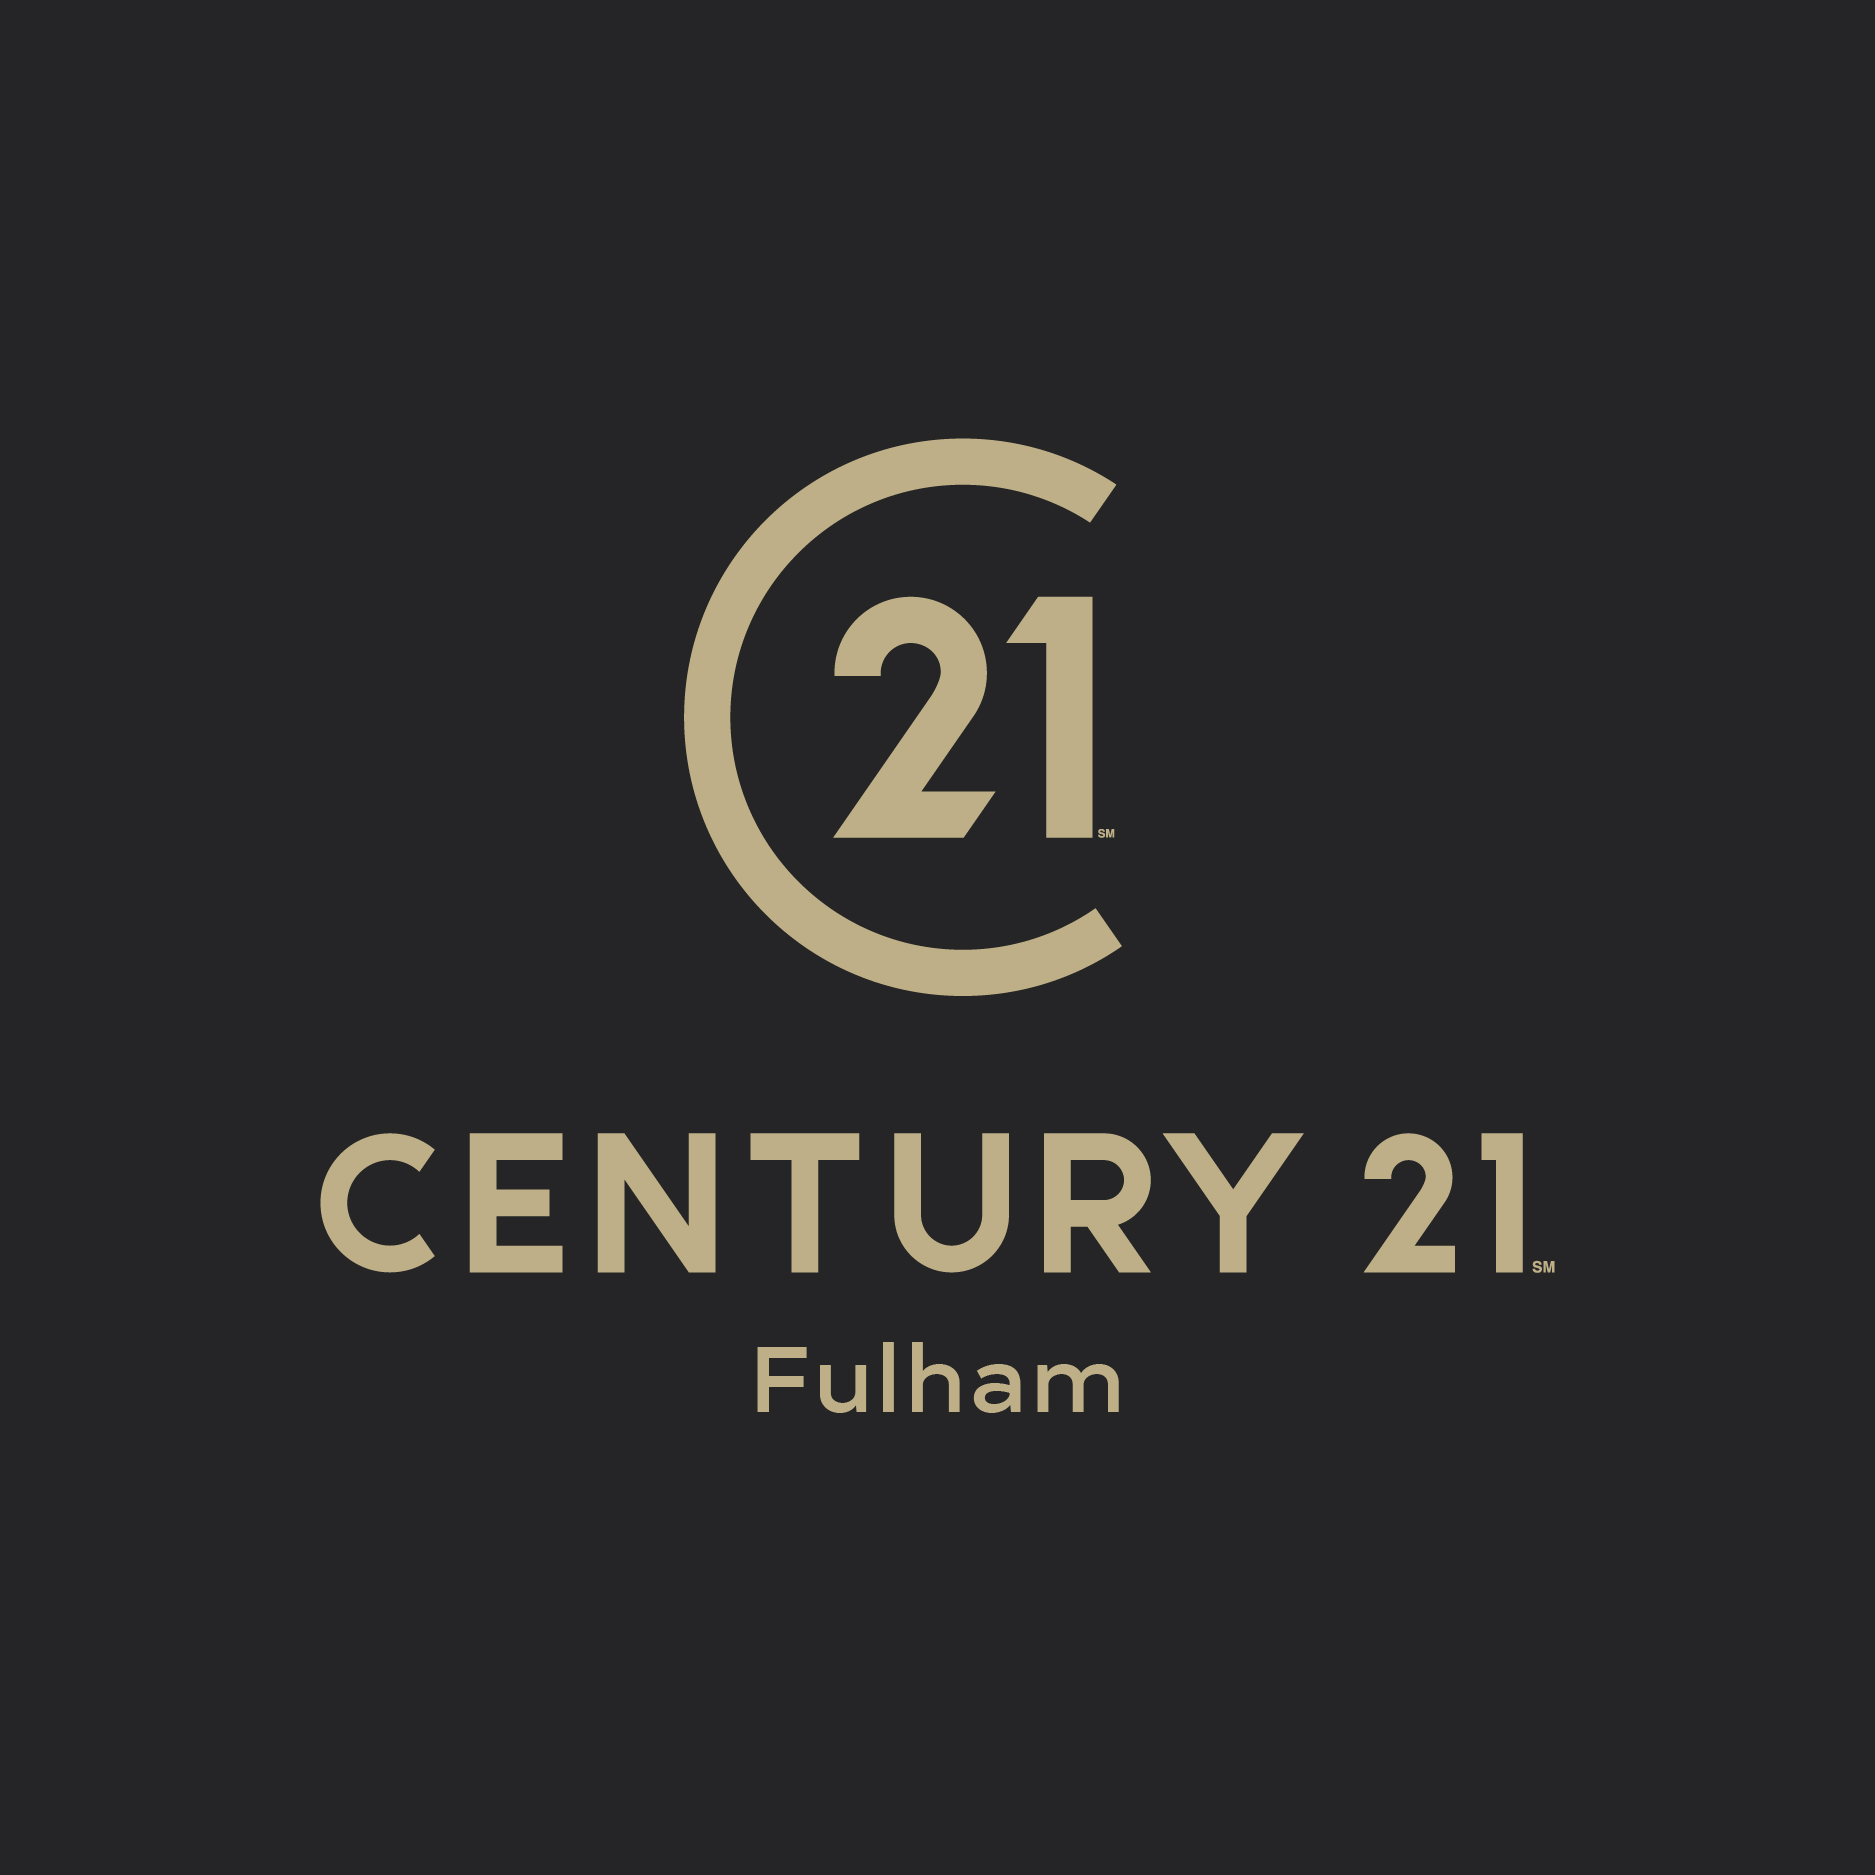 Century 21 - Fulham